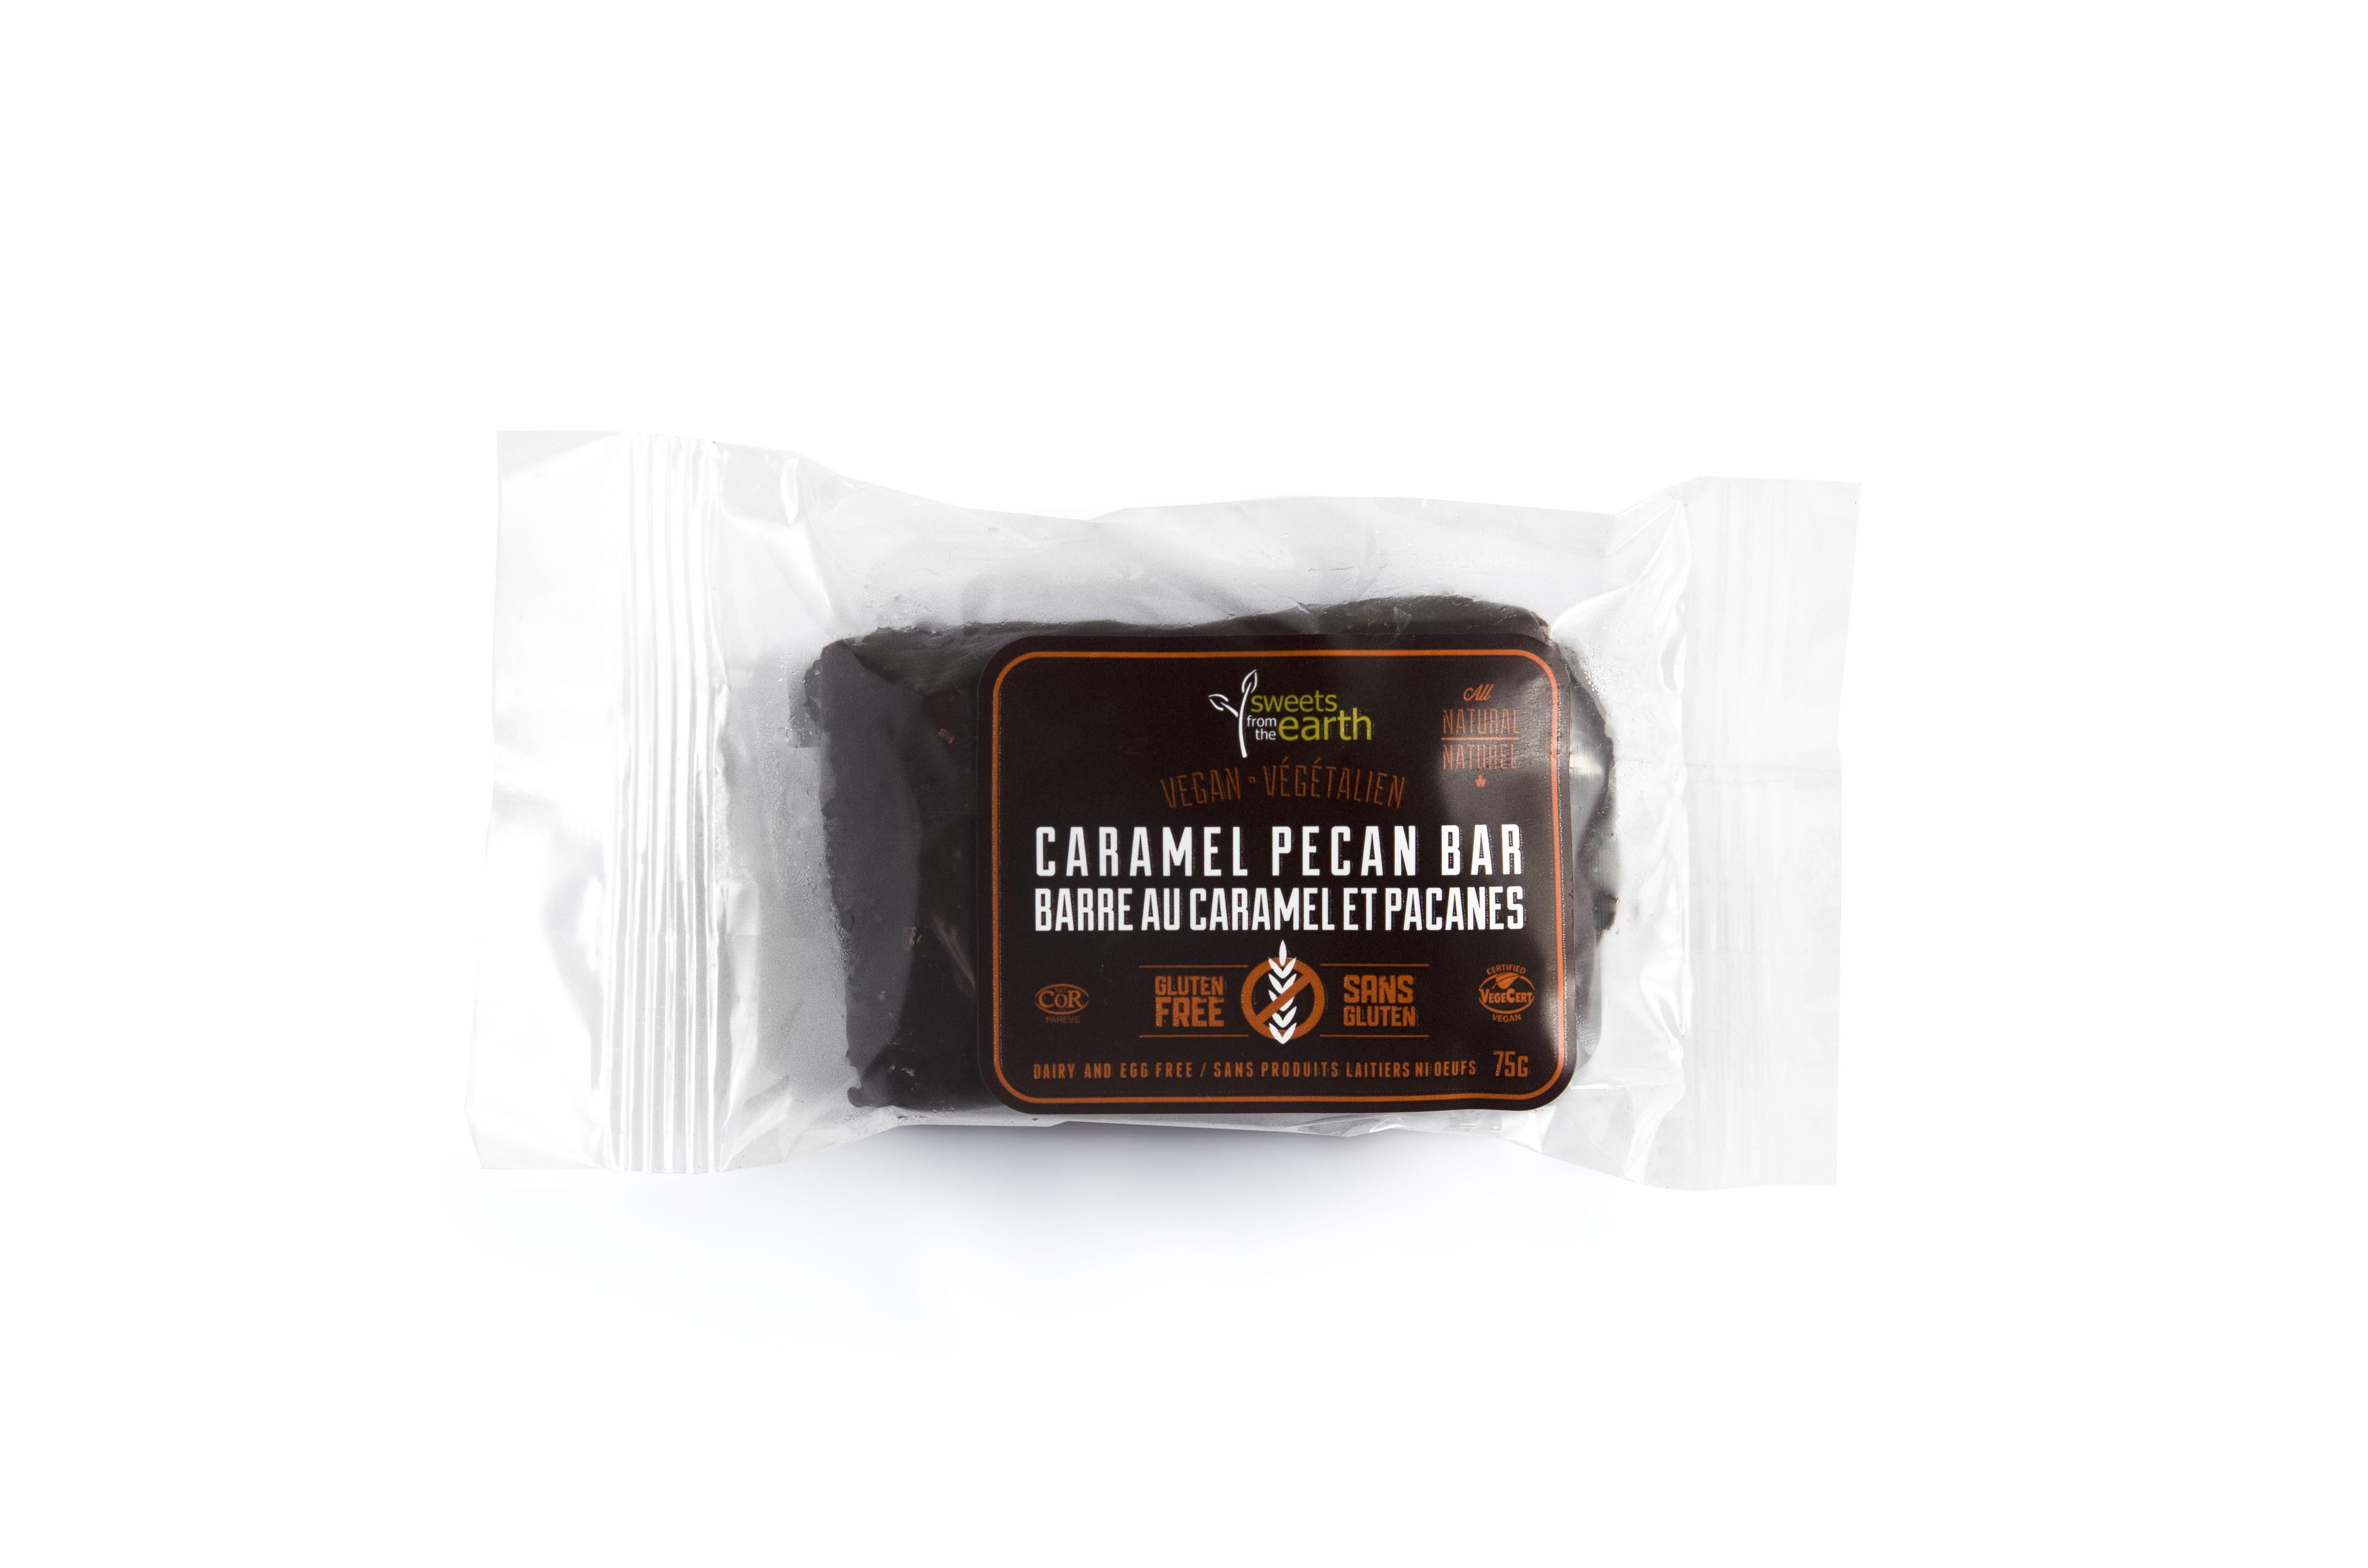 GF Caramel Pecan Bar front wrapped